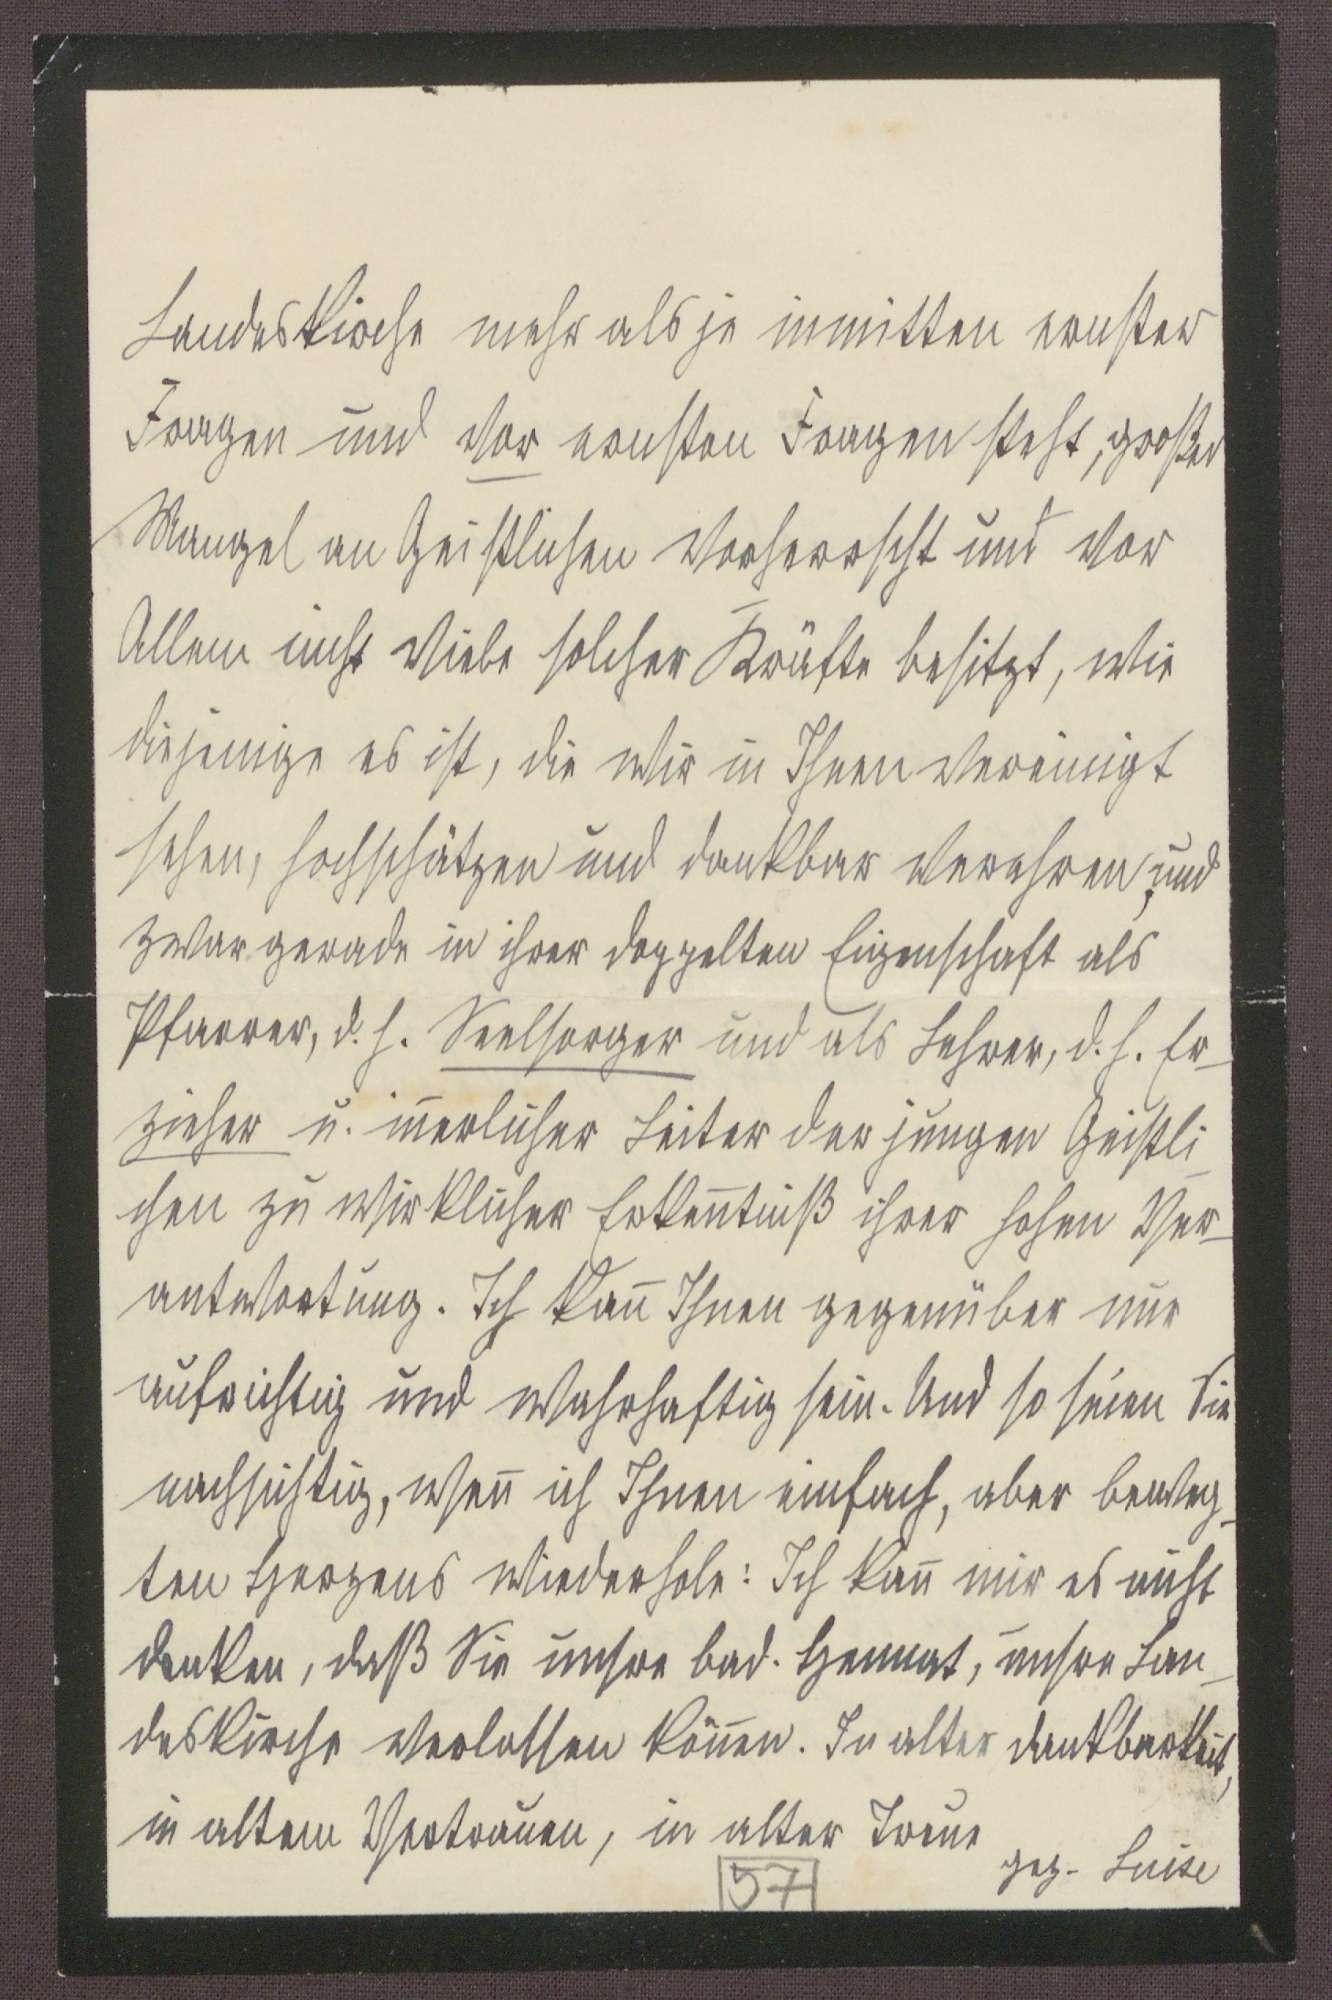 Schreiben von der Großherzogin Luise an Otto Frommel; Dank für ein Schreiben zum Geburstag von Großherzog Friedrich II. und Gedanken über die Stelle als Hofpediger in Weimar, Bild 3